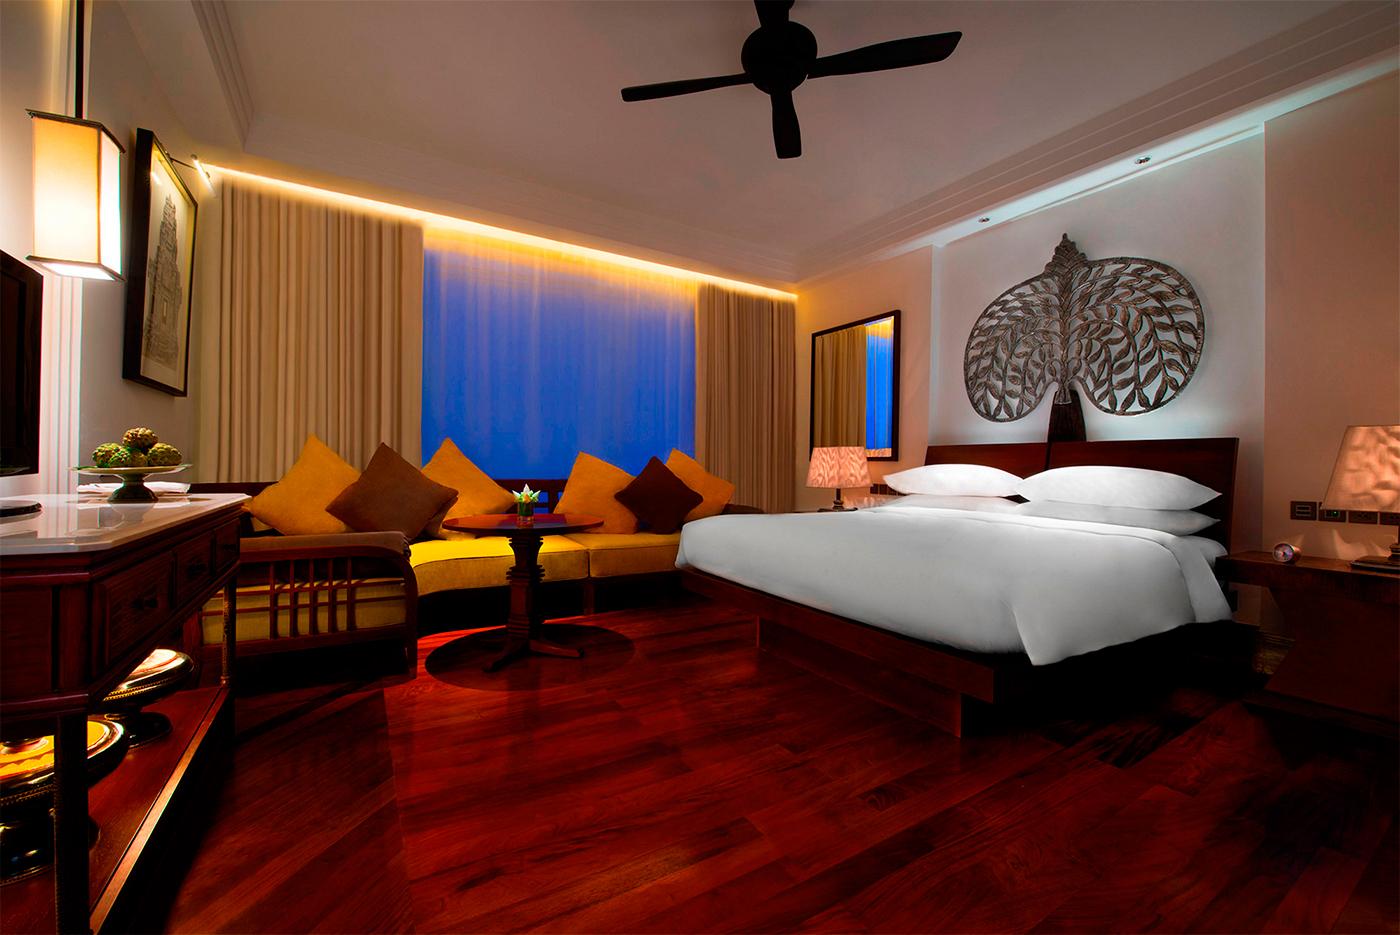 Anantara Hotels adopts IDeaS Pricing System